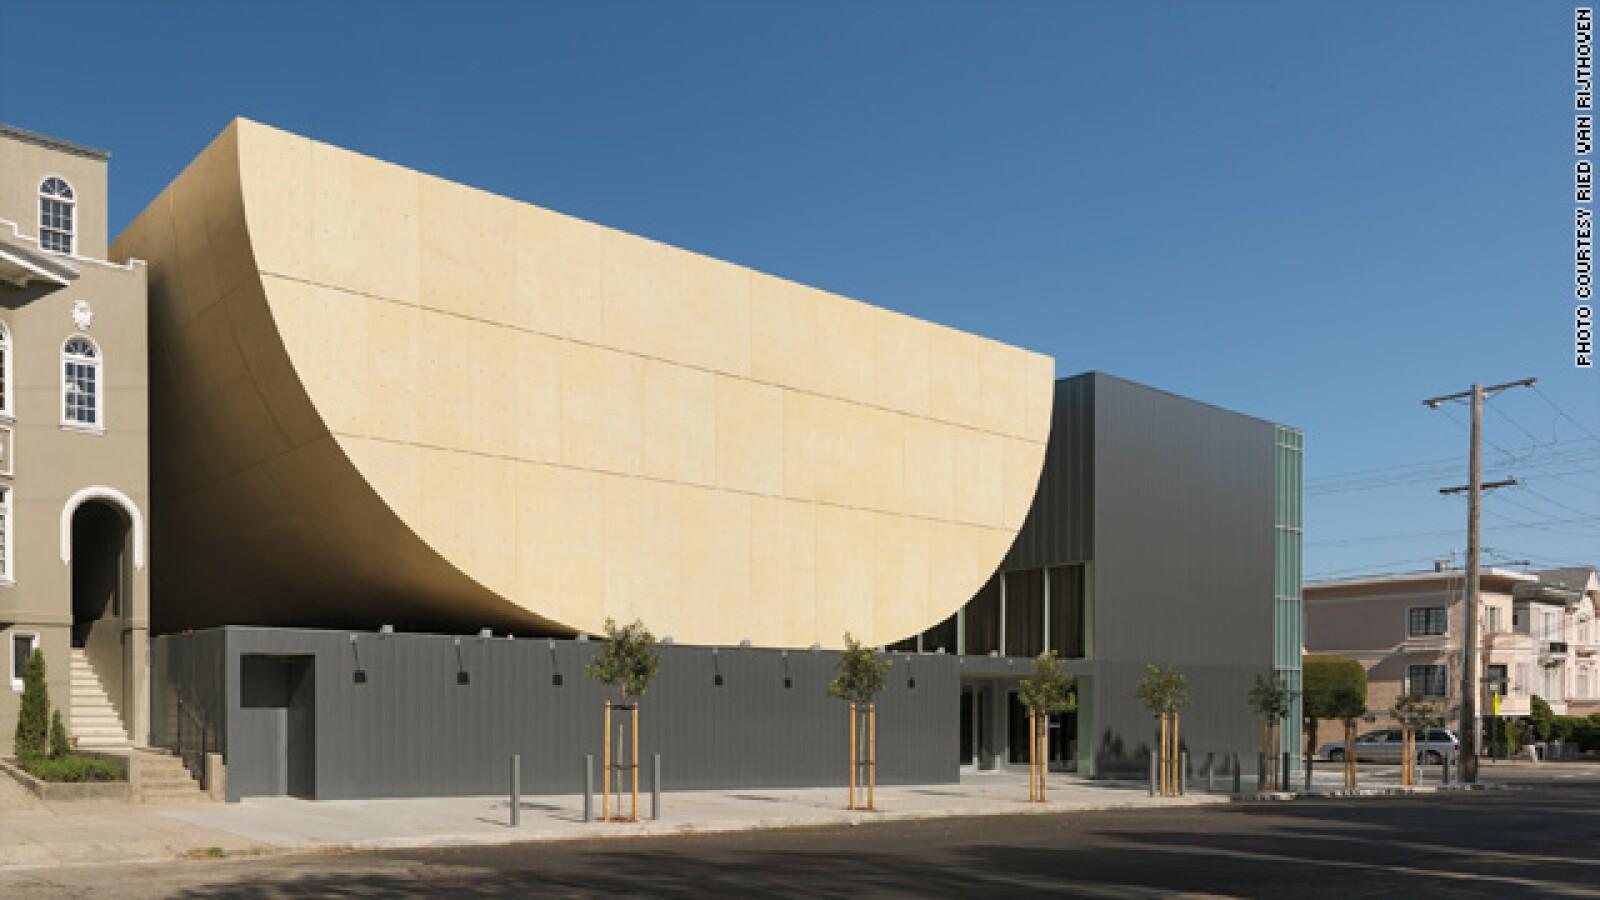 La nueva arquitectura se enfrenta a la recesión